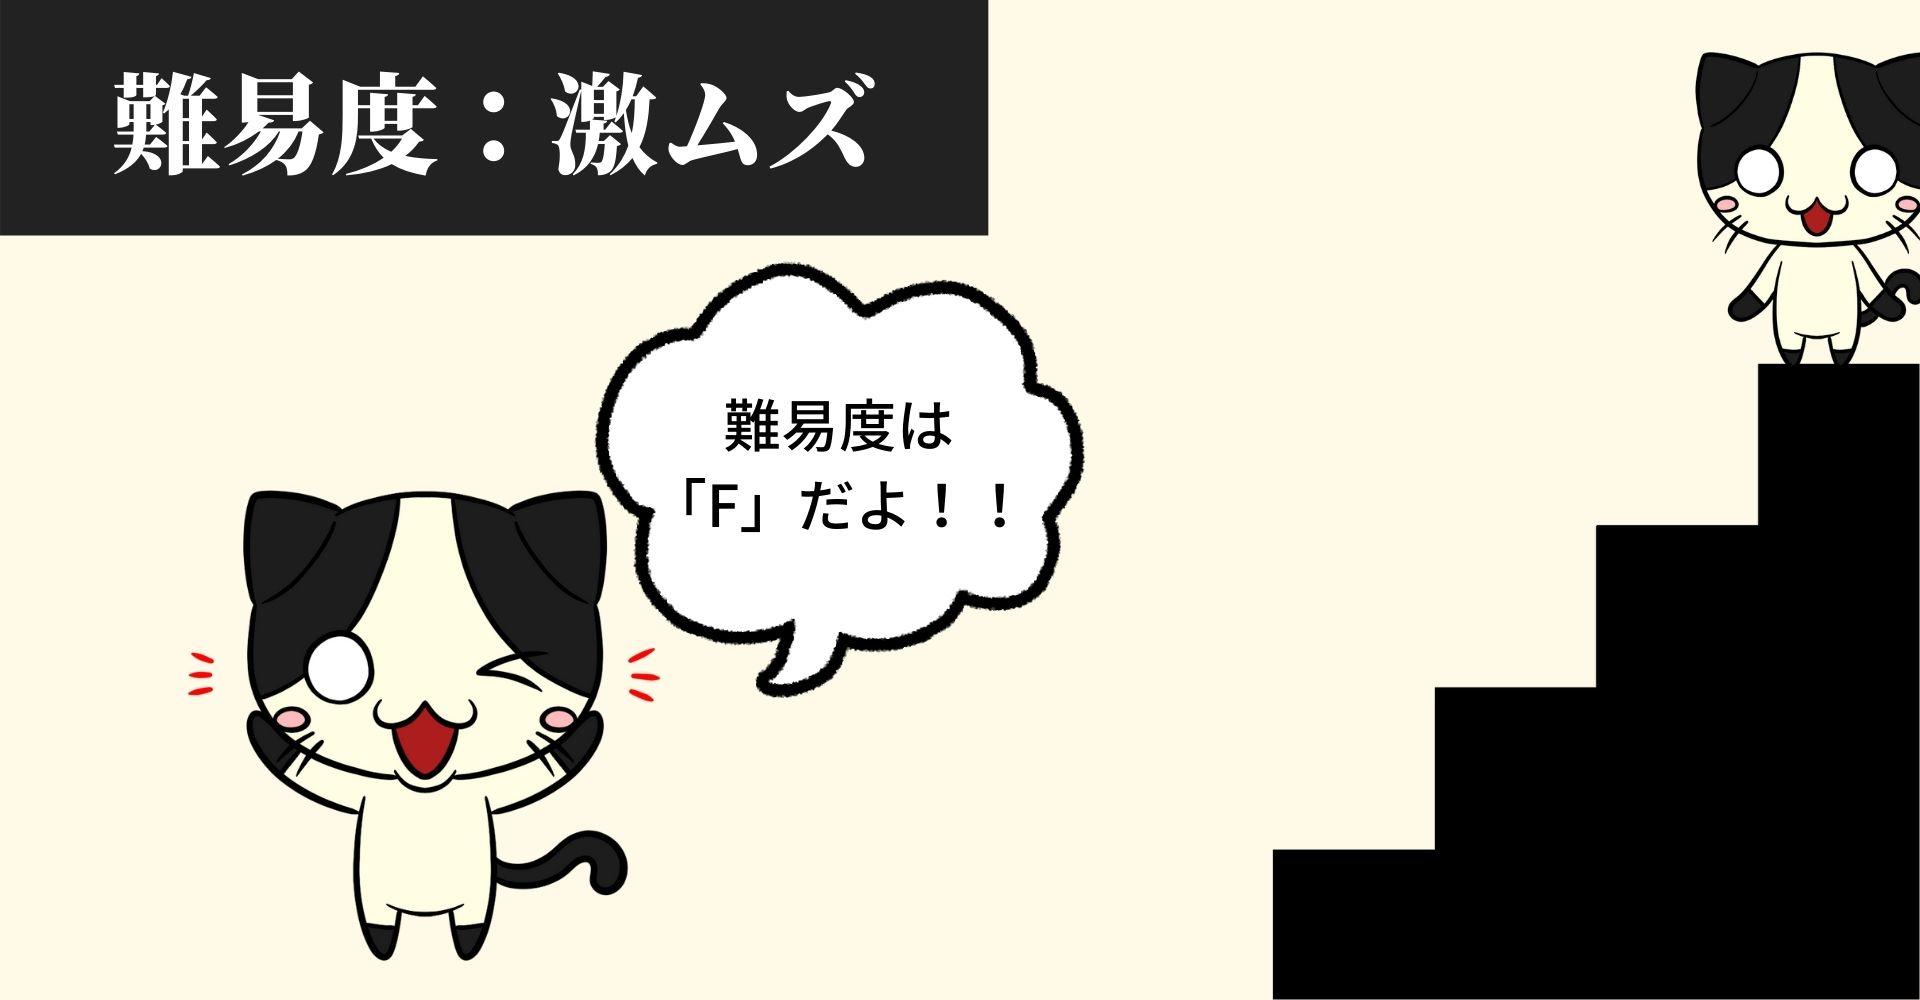 【ショパン】 (2)のアイキャッチ画像